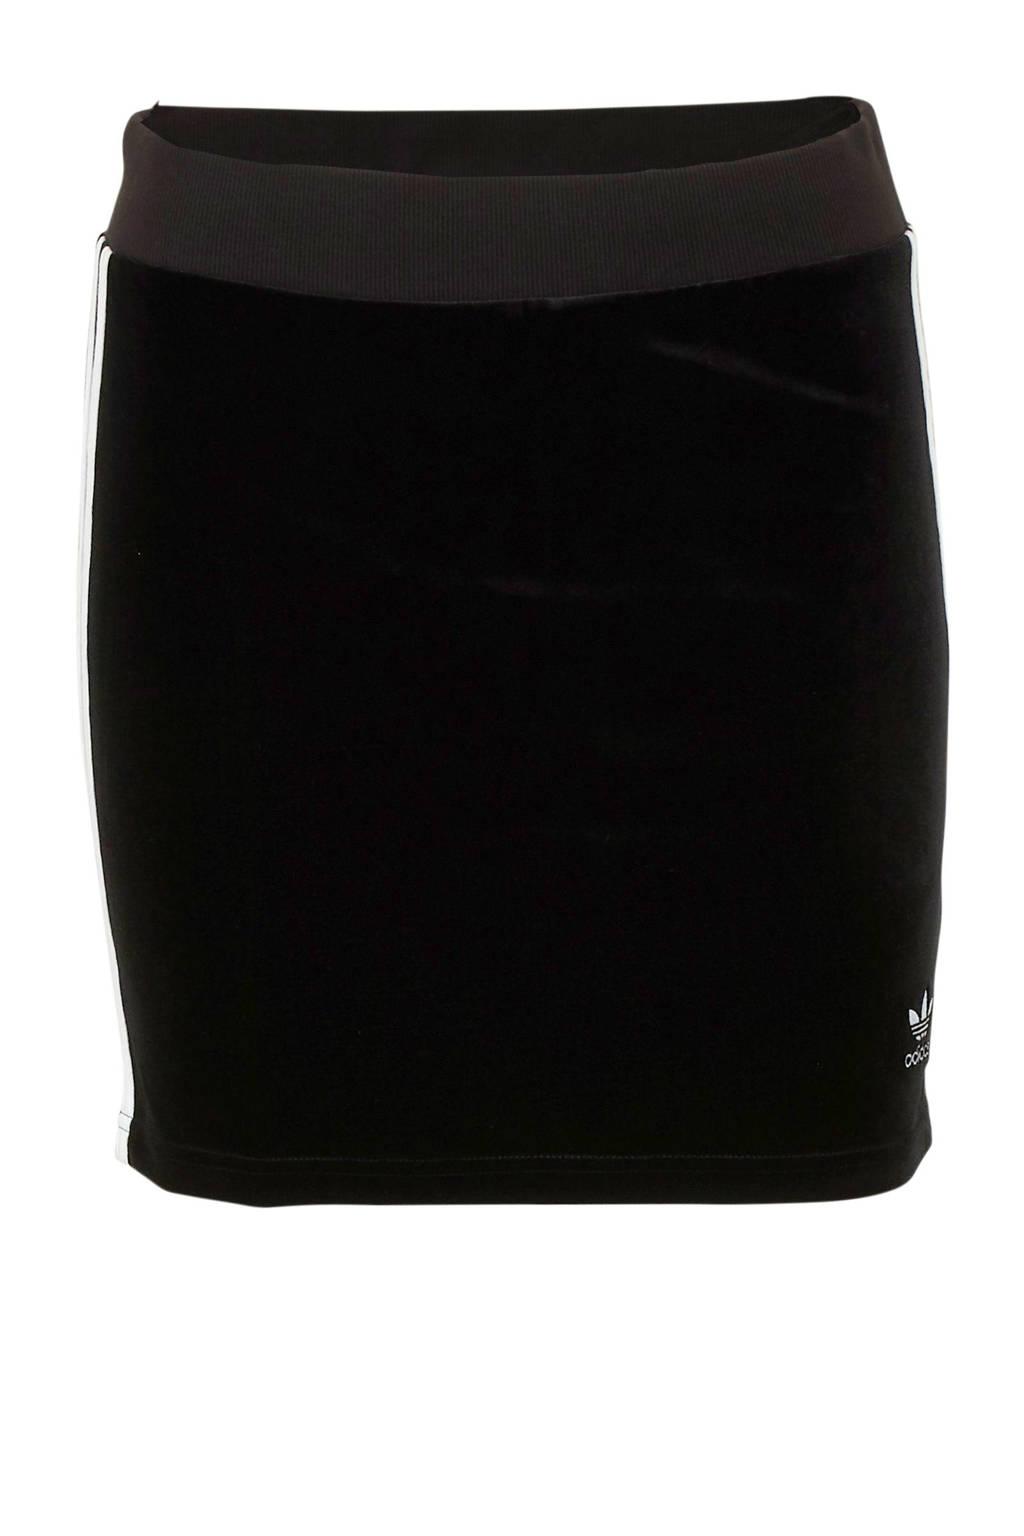 adidas originals rok velours zwart/wit, Zwart